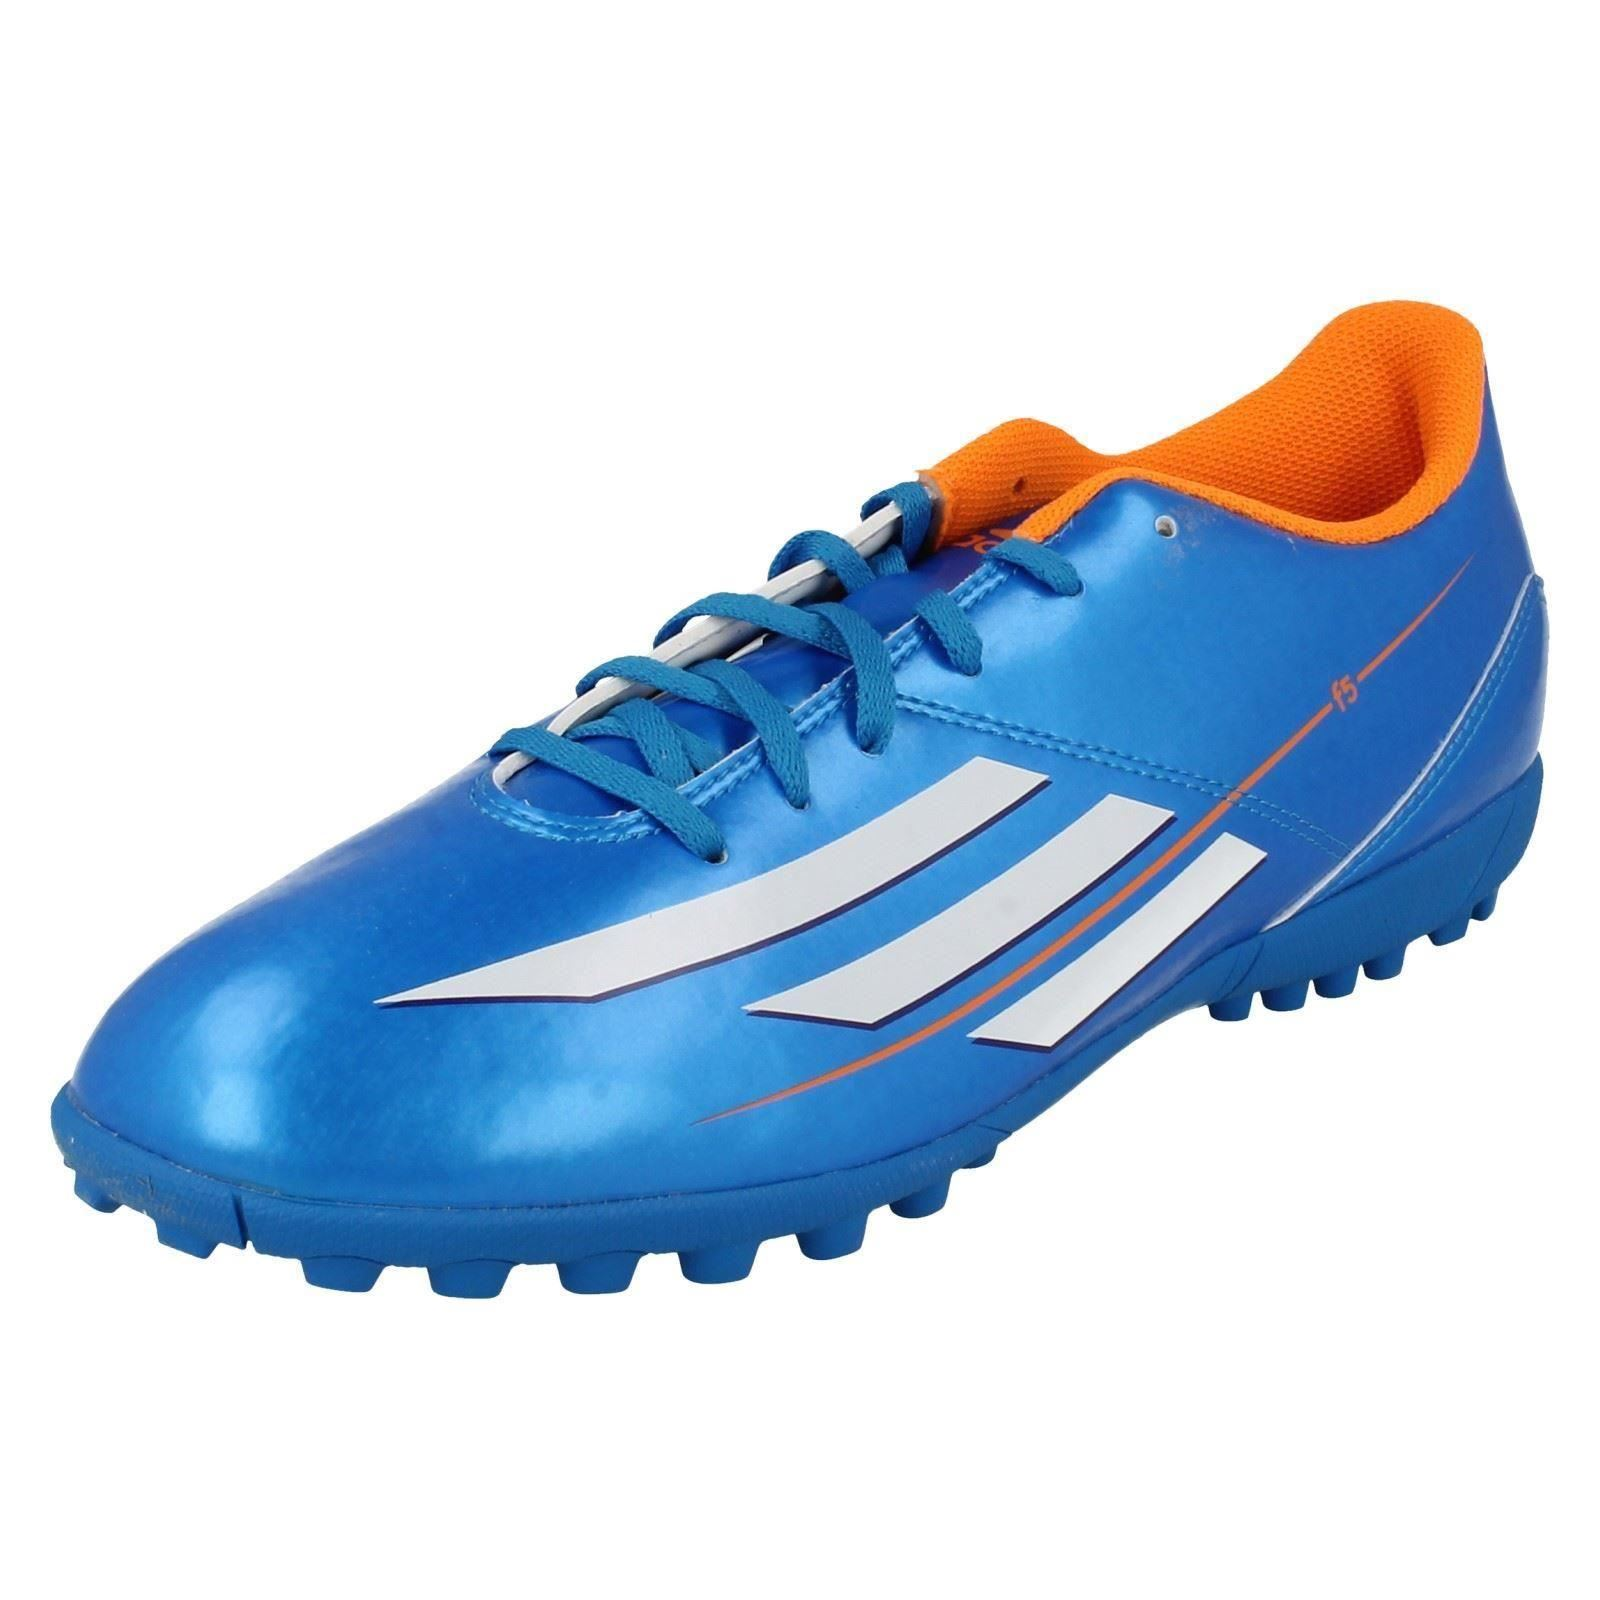 quality design 937ab d26c5 UOMO ADIDAS CALCIOCalcio scarpe sportive F5 TRX TF